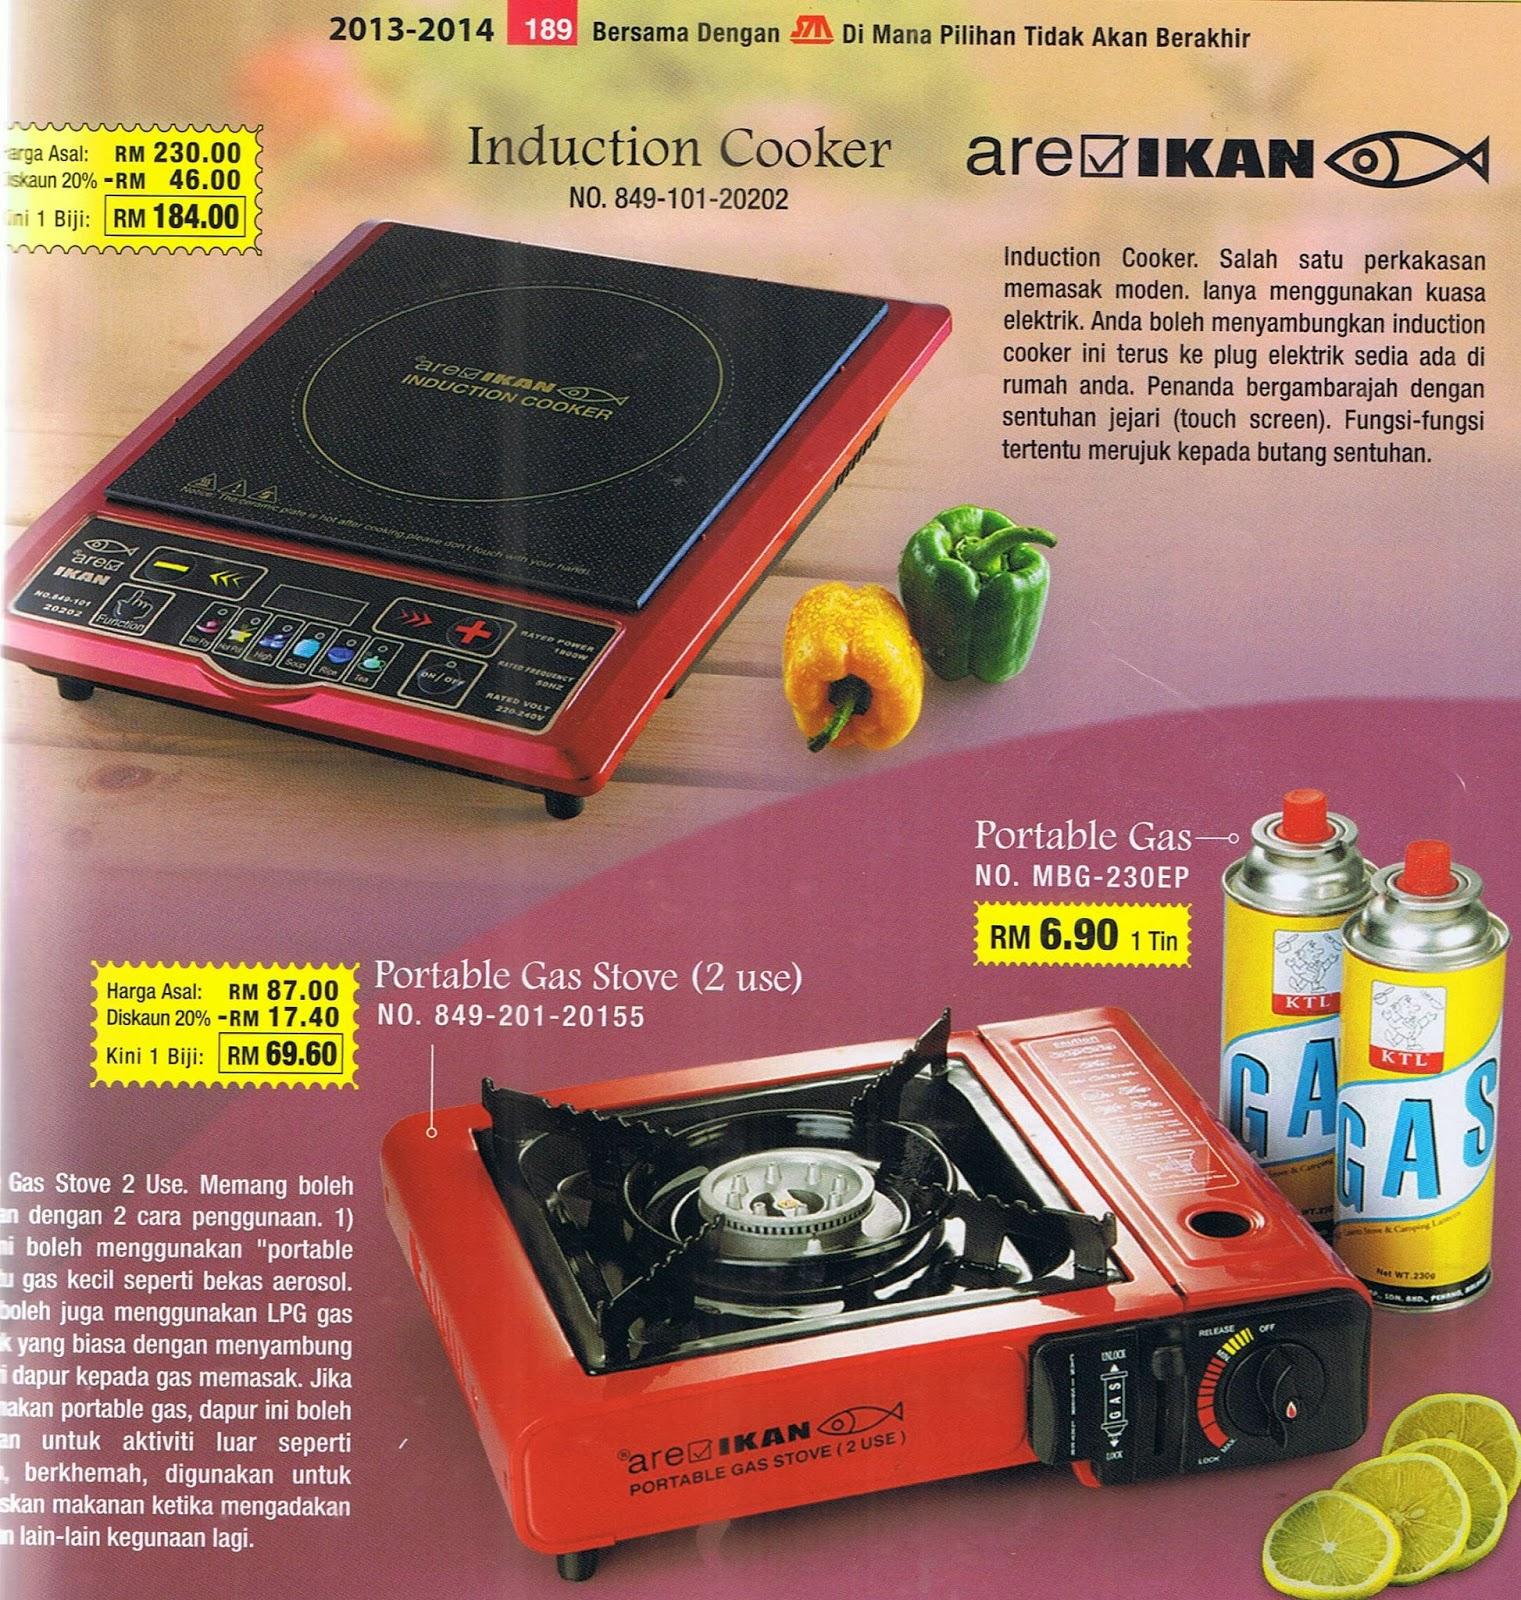 Hamidah Han Ma0187692 P Pengedar Sah Peralatan Dapur Keluaran